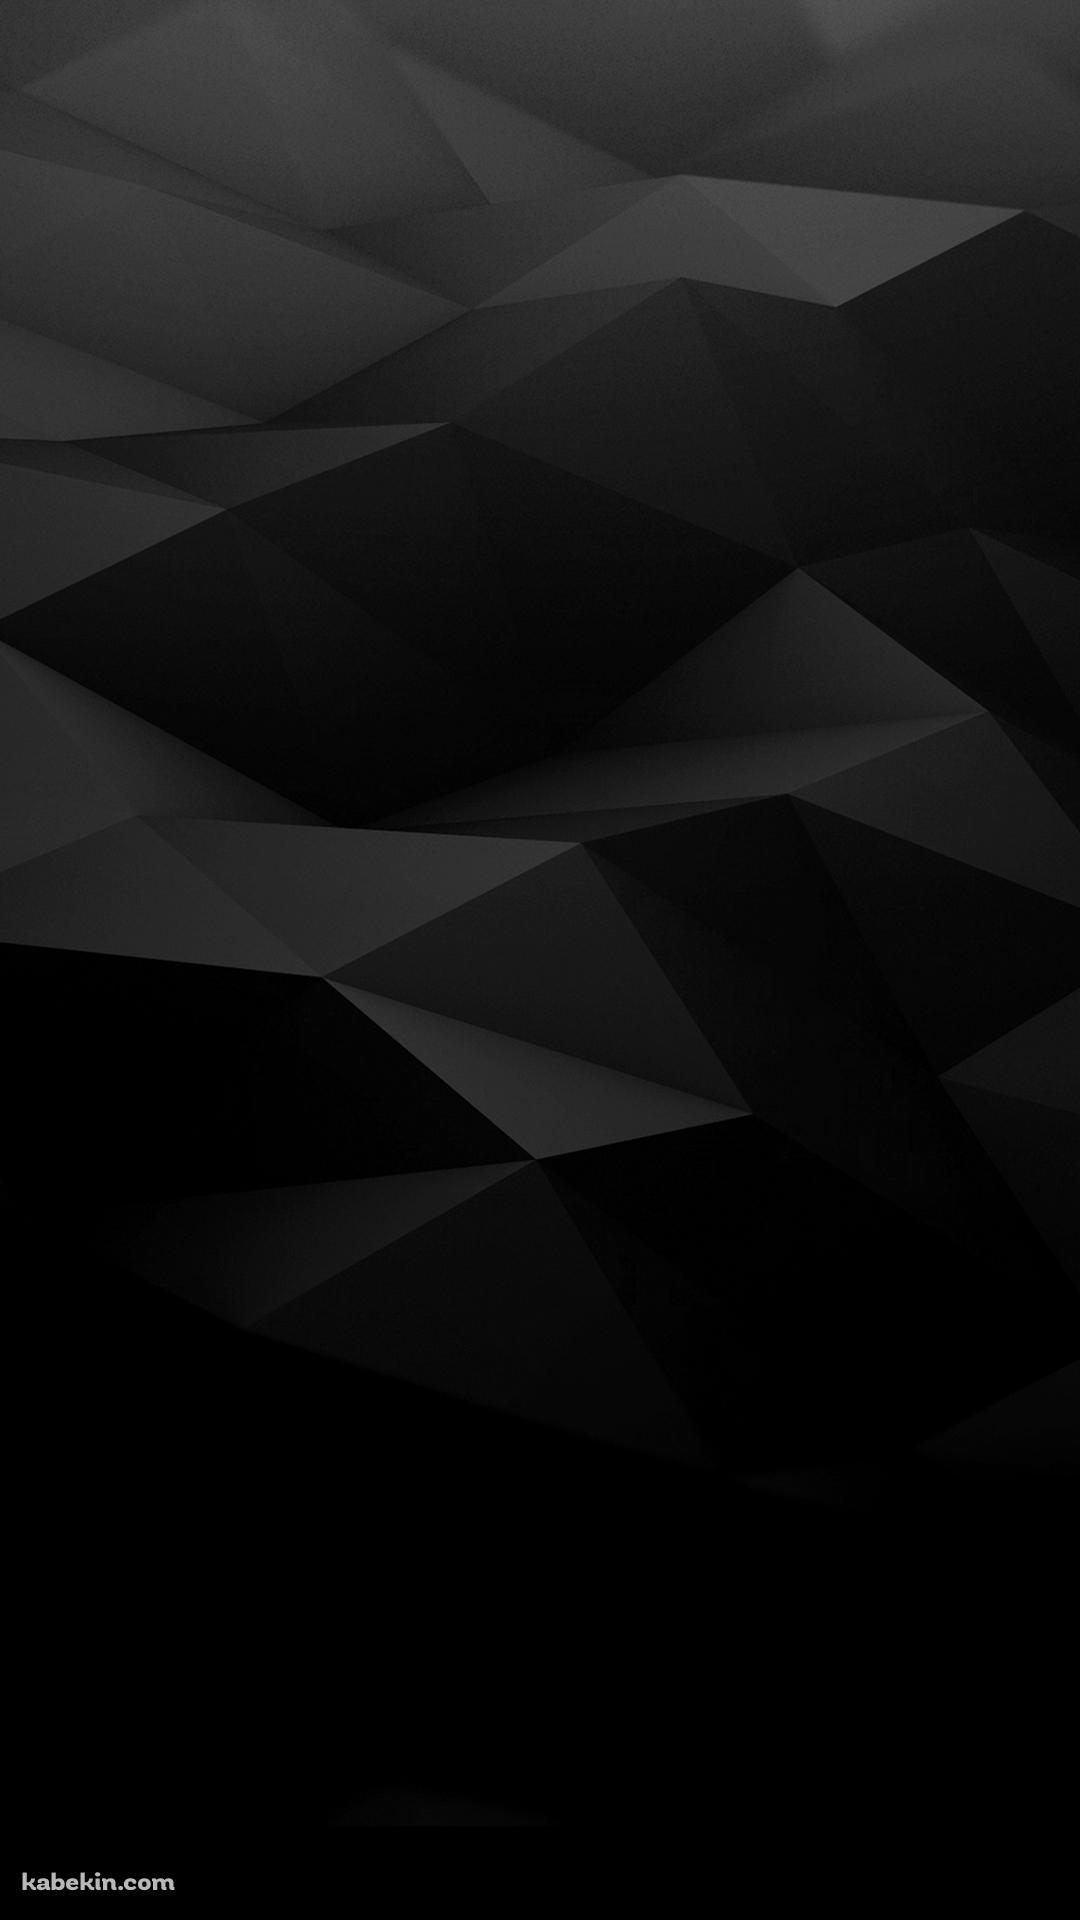 黒の凹凸のあるポリゴンのandroid壁紙 1080 X 1920 壁紙キングダム